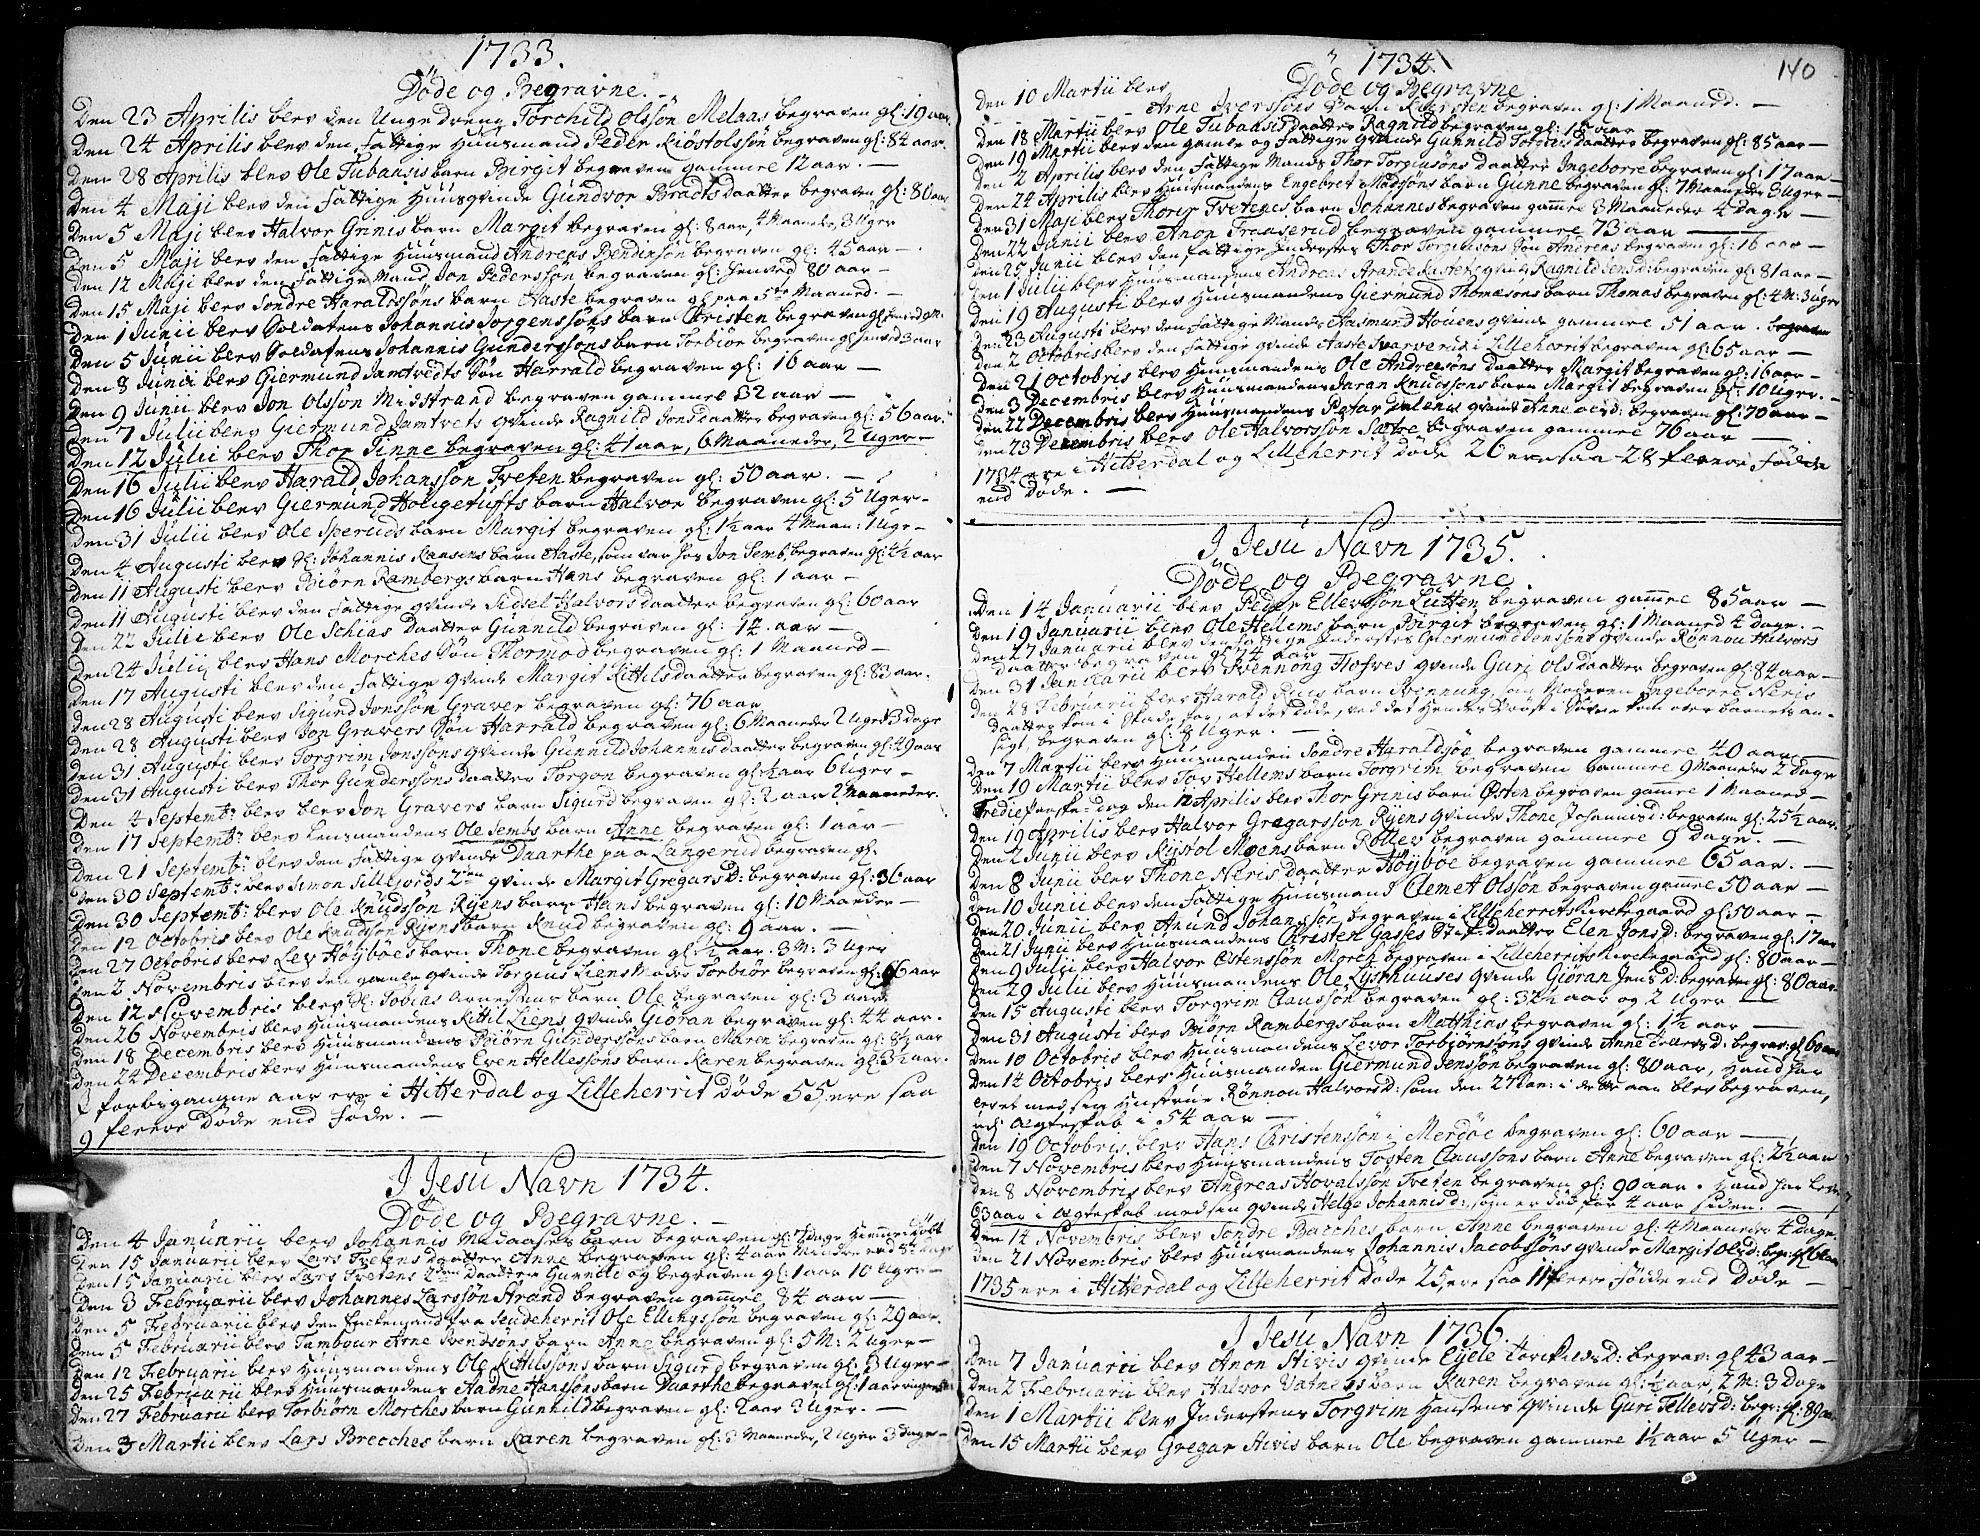 SAKO, Heddal kirkebøker, F/Fa/L0003: Ministerialbok nr. I 3, 1723-1783, s. 140